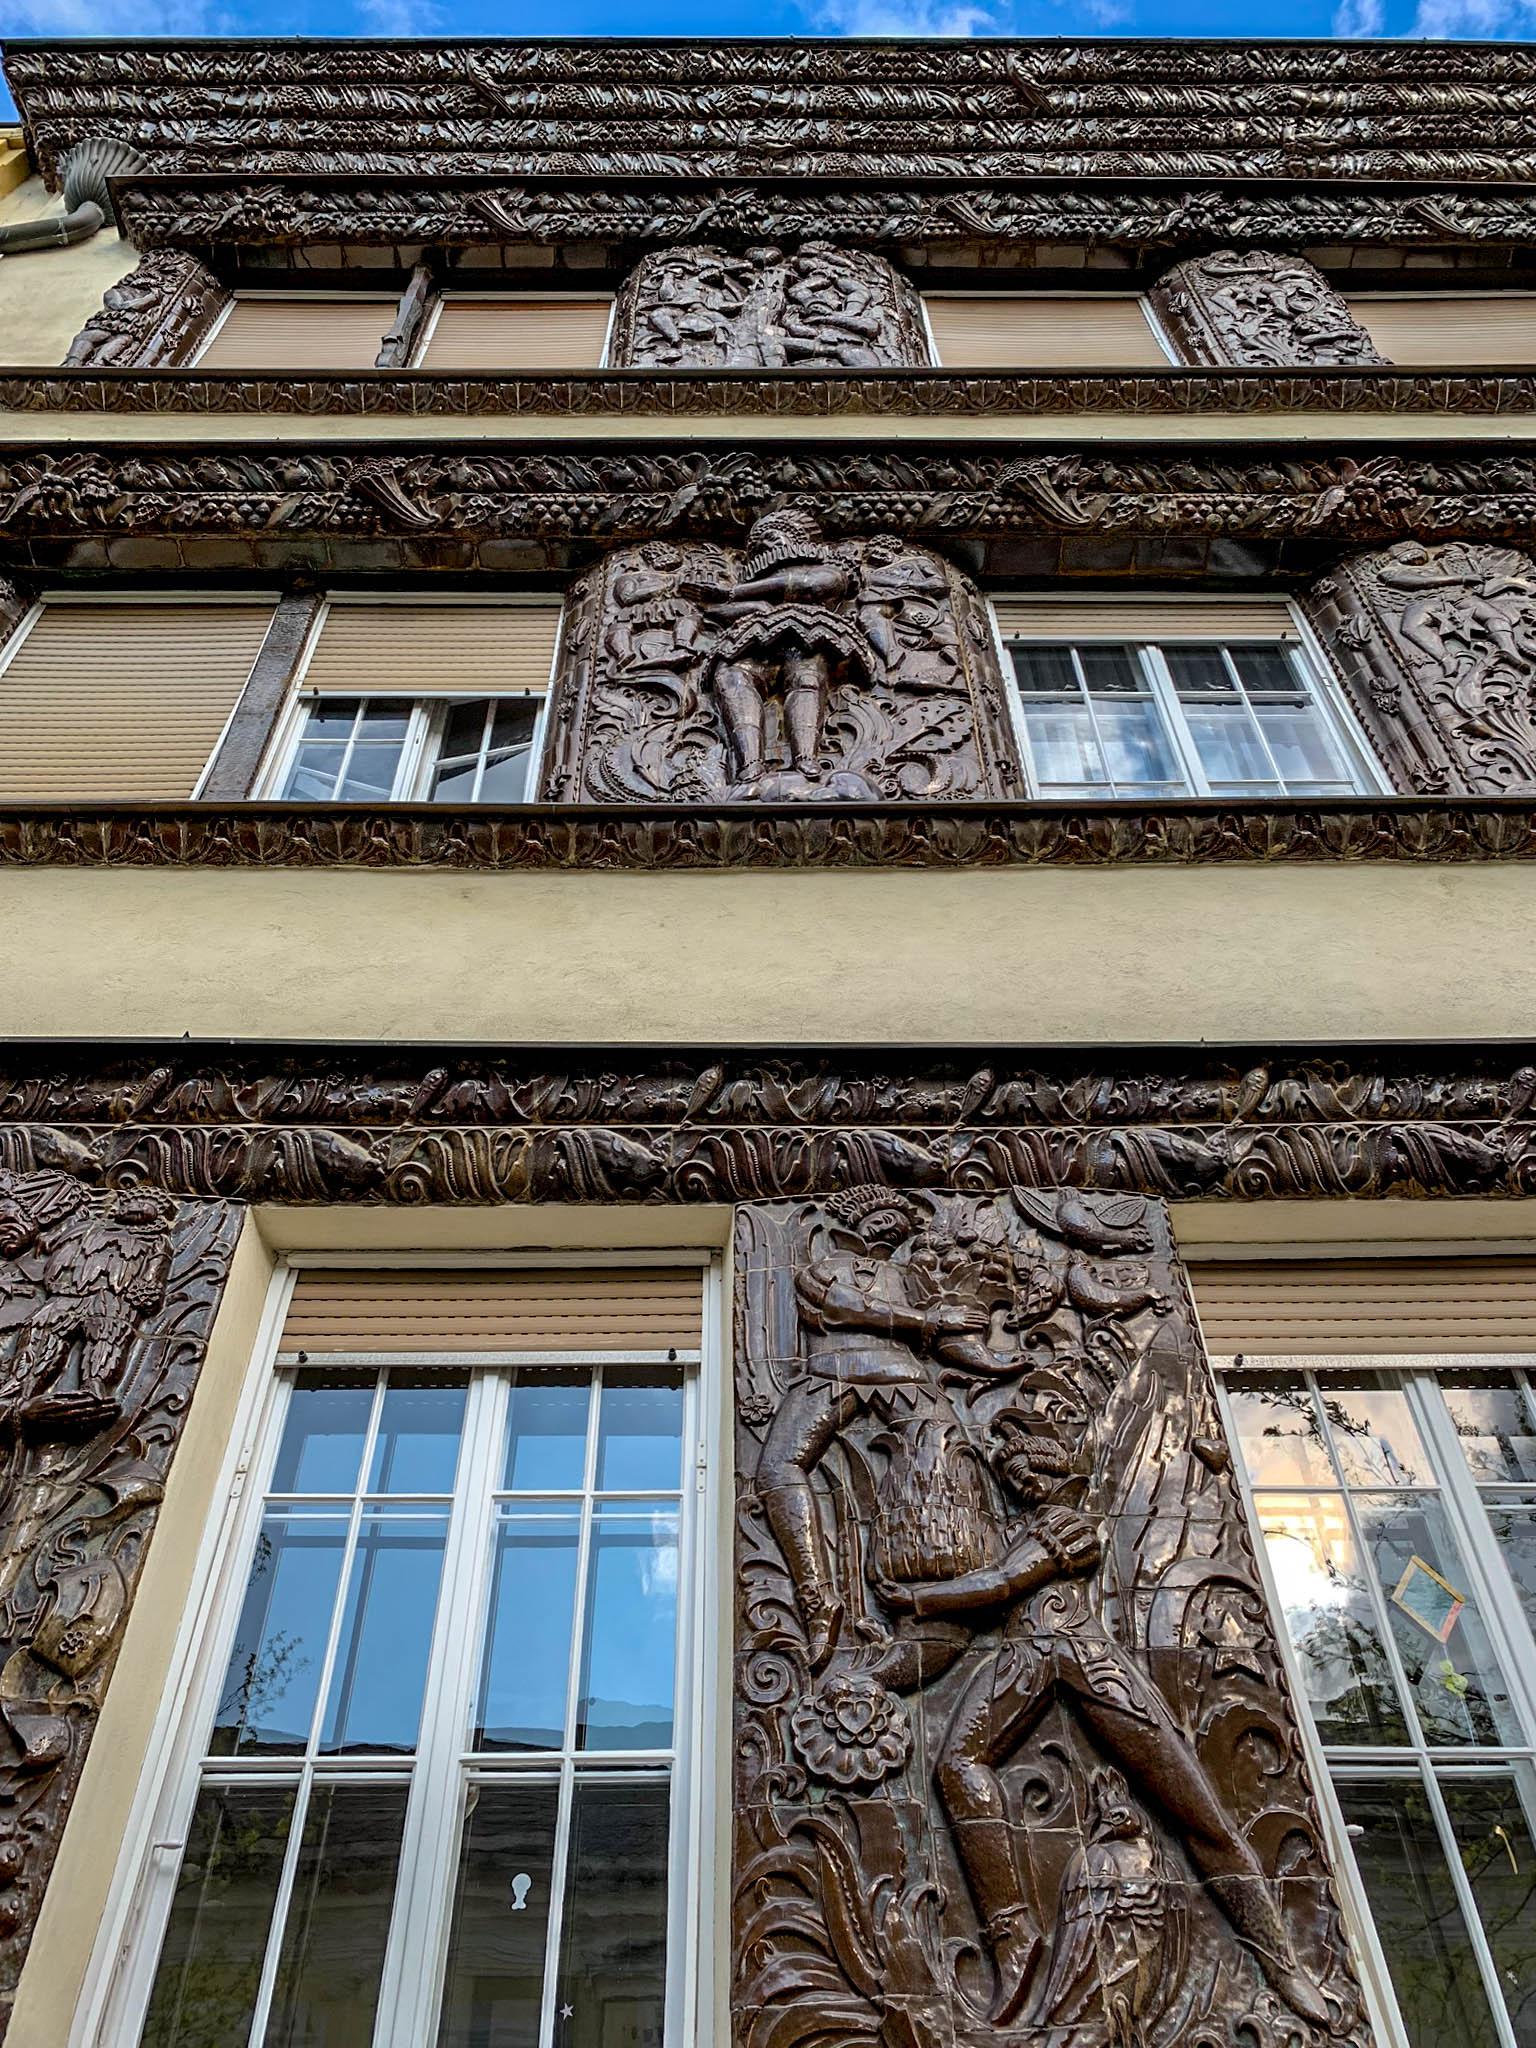 Schokoladenhaus, 1914. Architect: Ernst Lichtblau